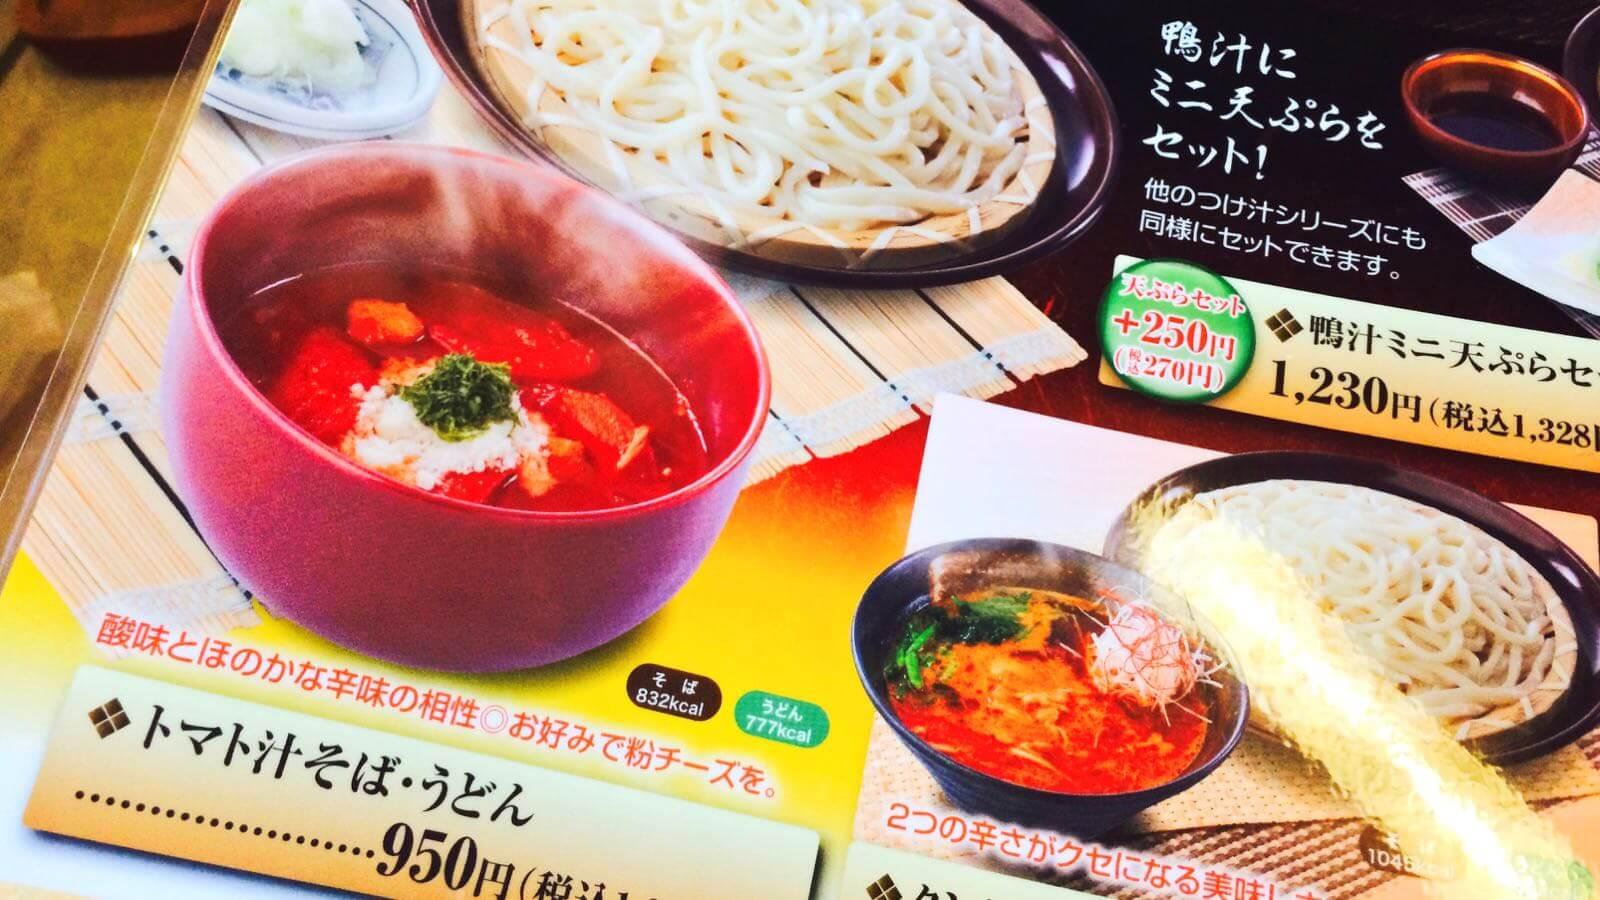 0091 Suginoya Honjin Tomatosoup Udon 10